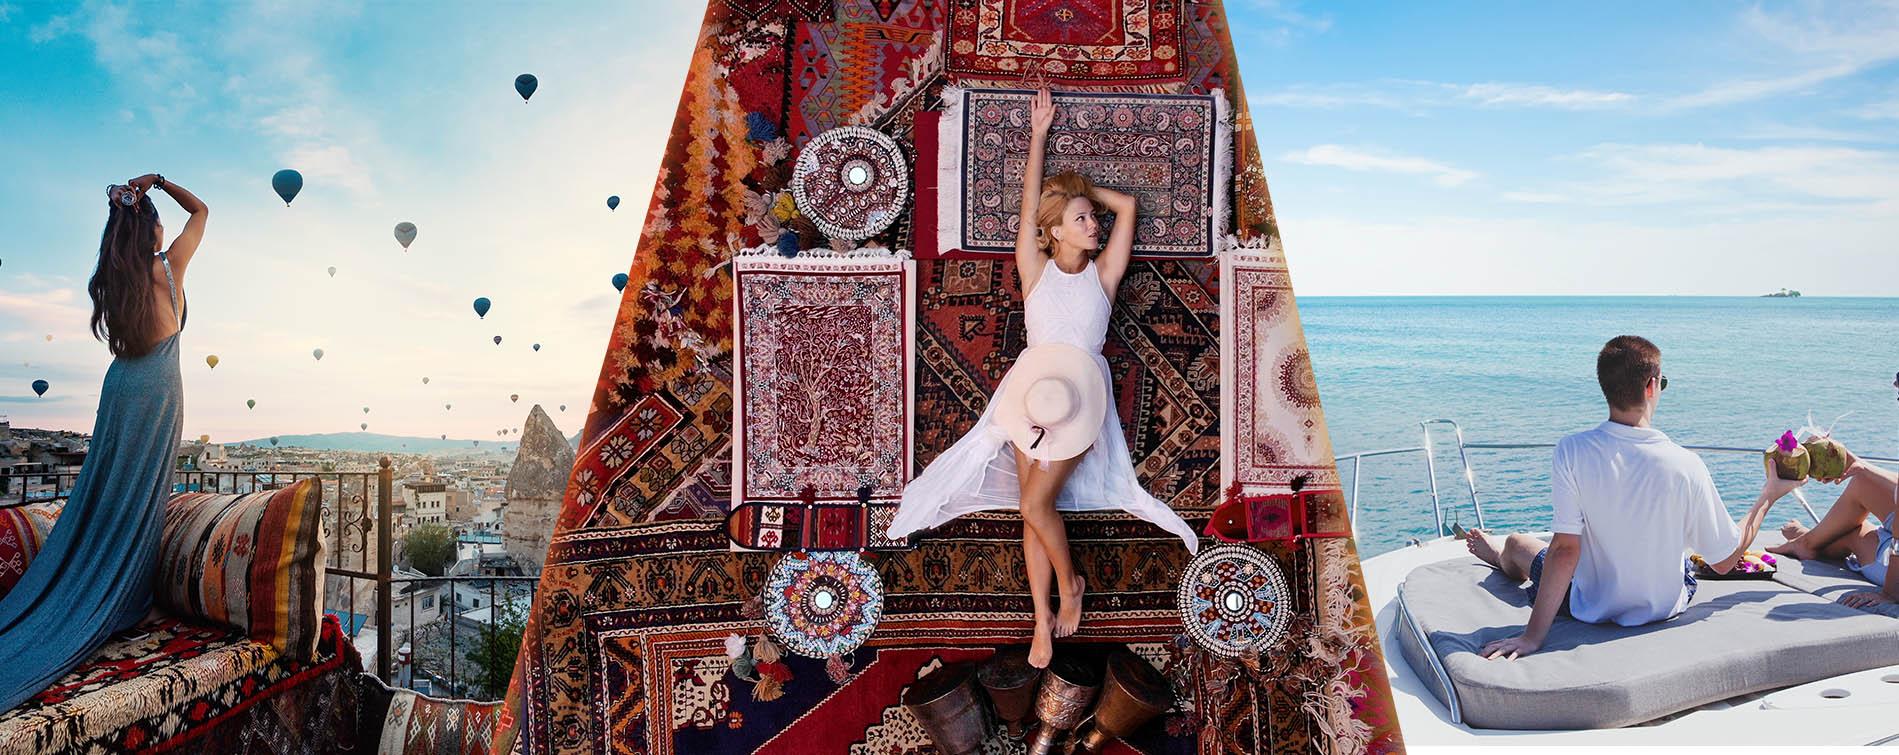 8 Days Ottoman's Life Luxury Turkey Tour